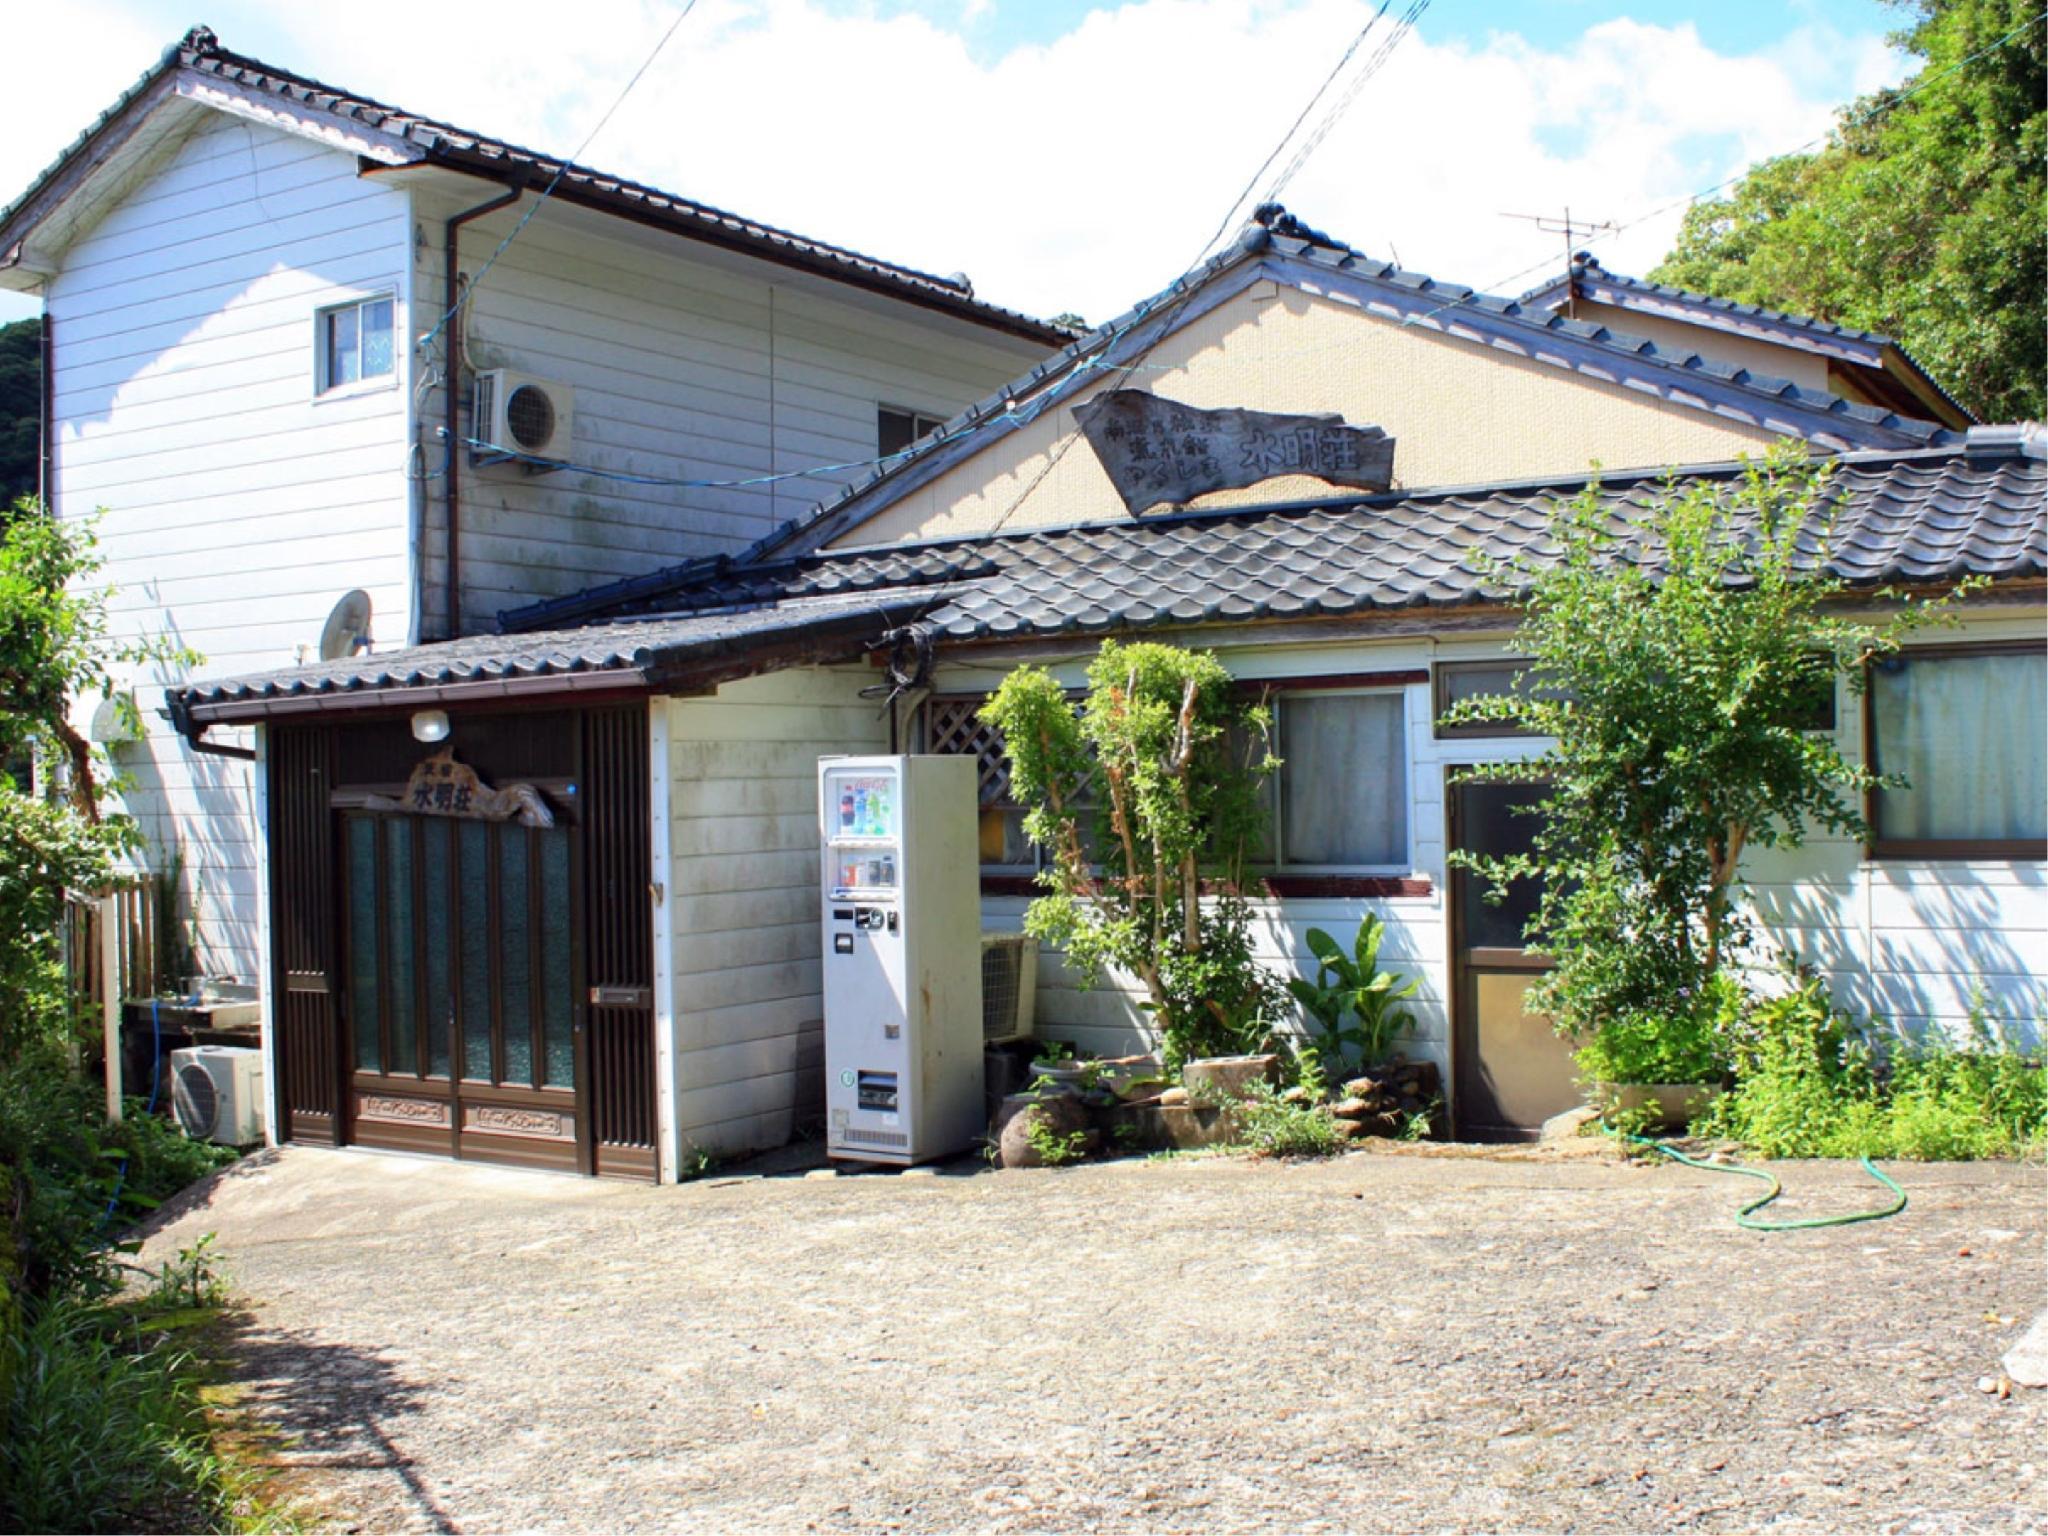 Minshuku Suimeiso